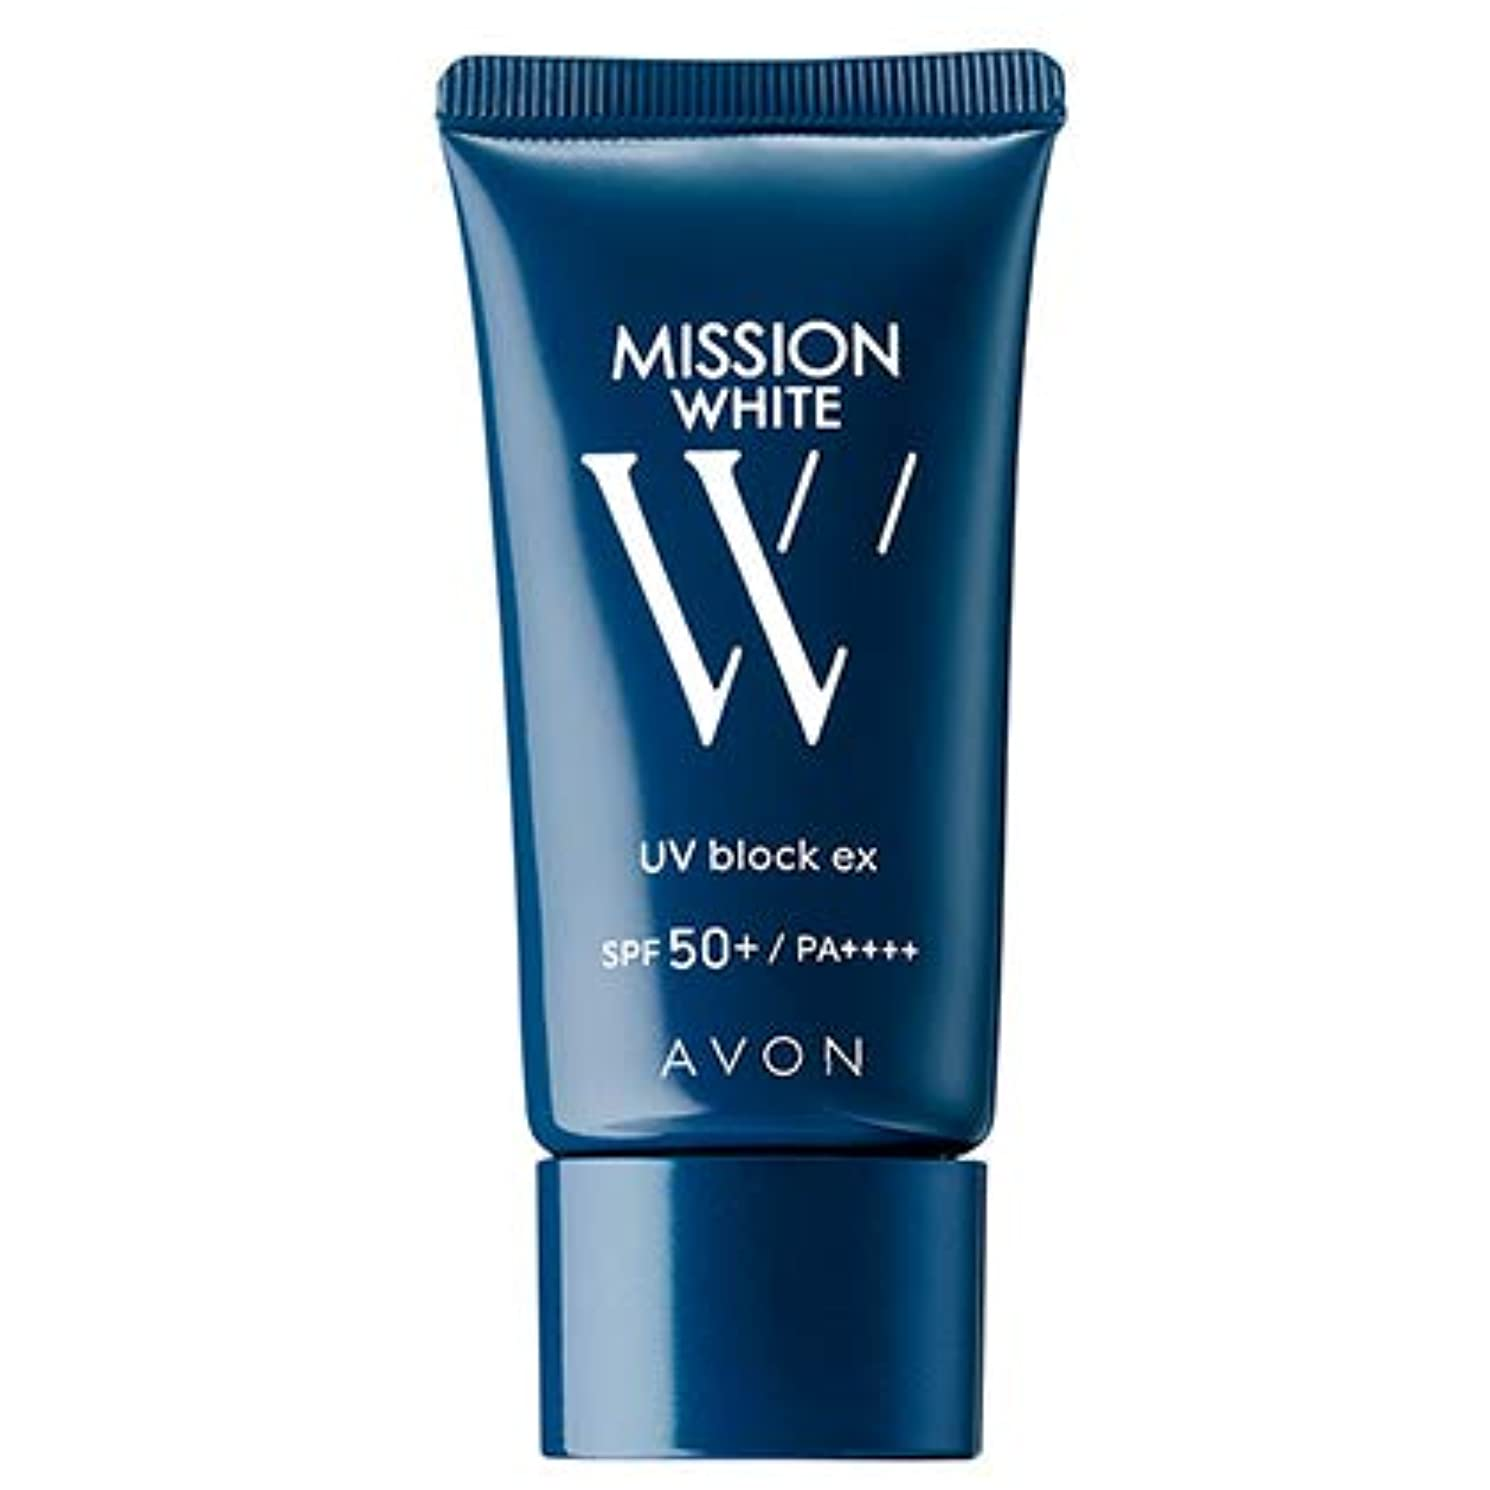 準備した友だち篭エイボン ミッション ホワイト UVブロック EX(SPF50+/PA++++)(医薬部外品) 30g